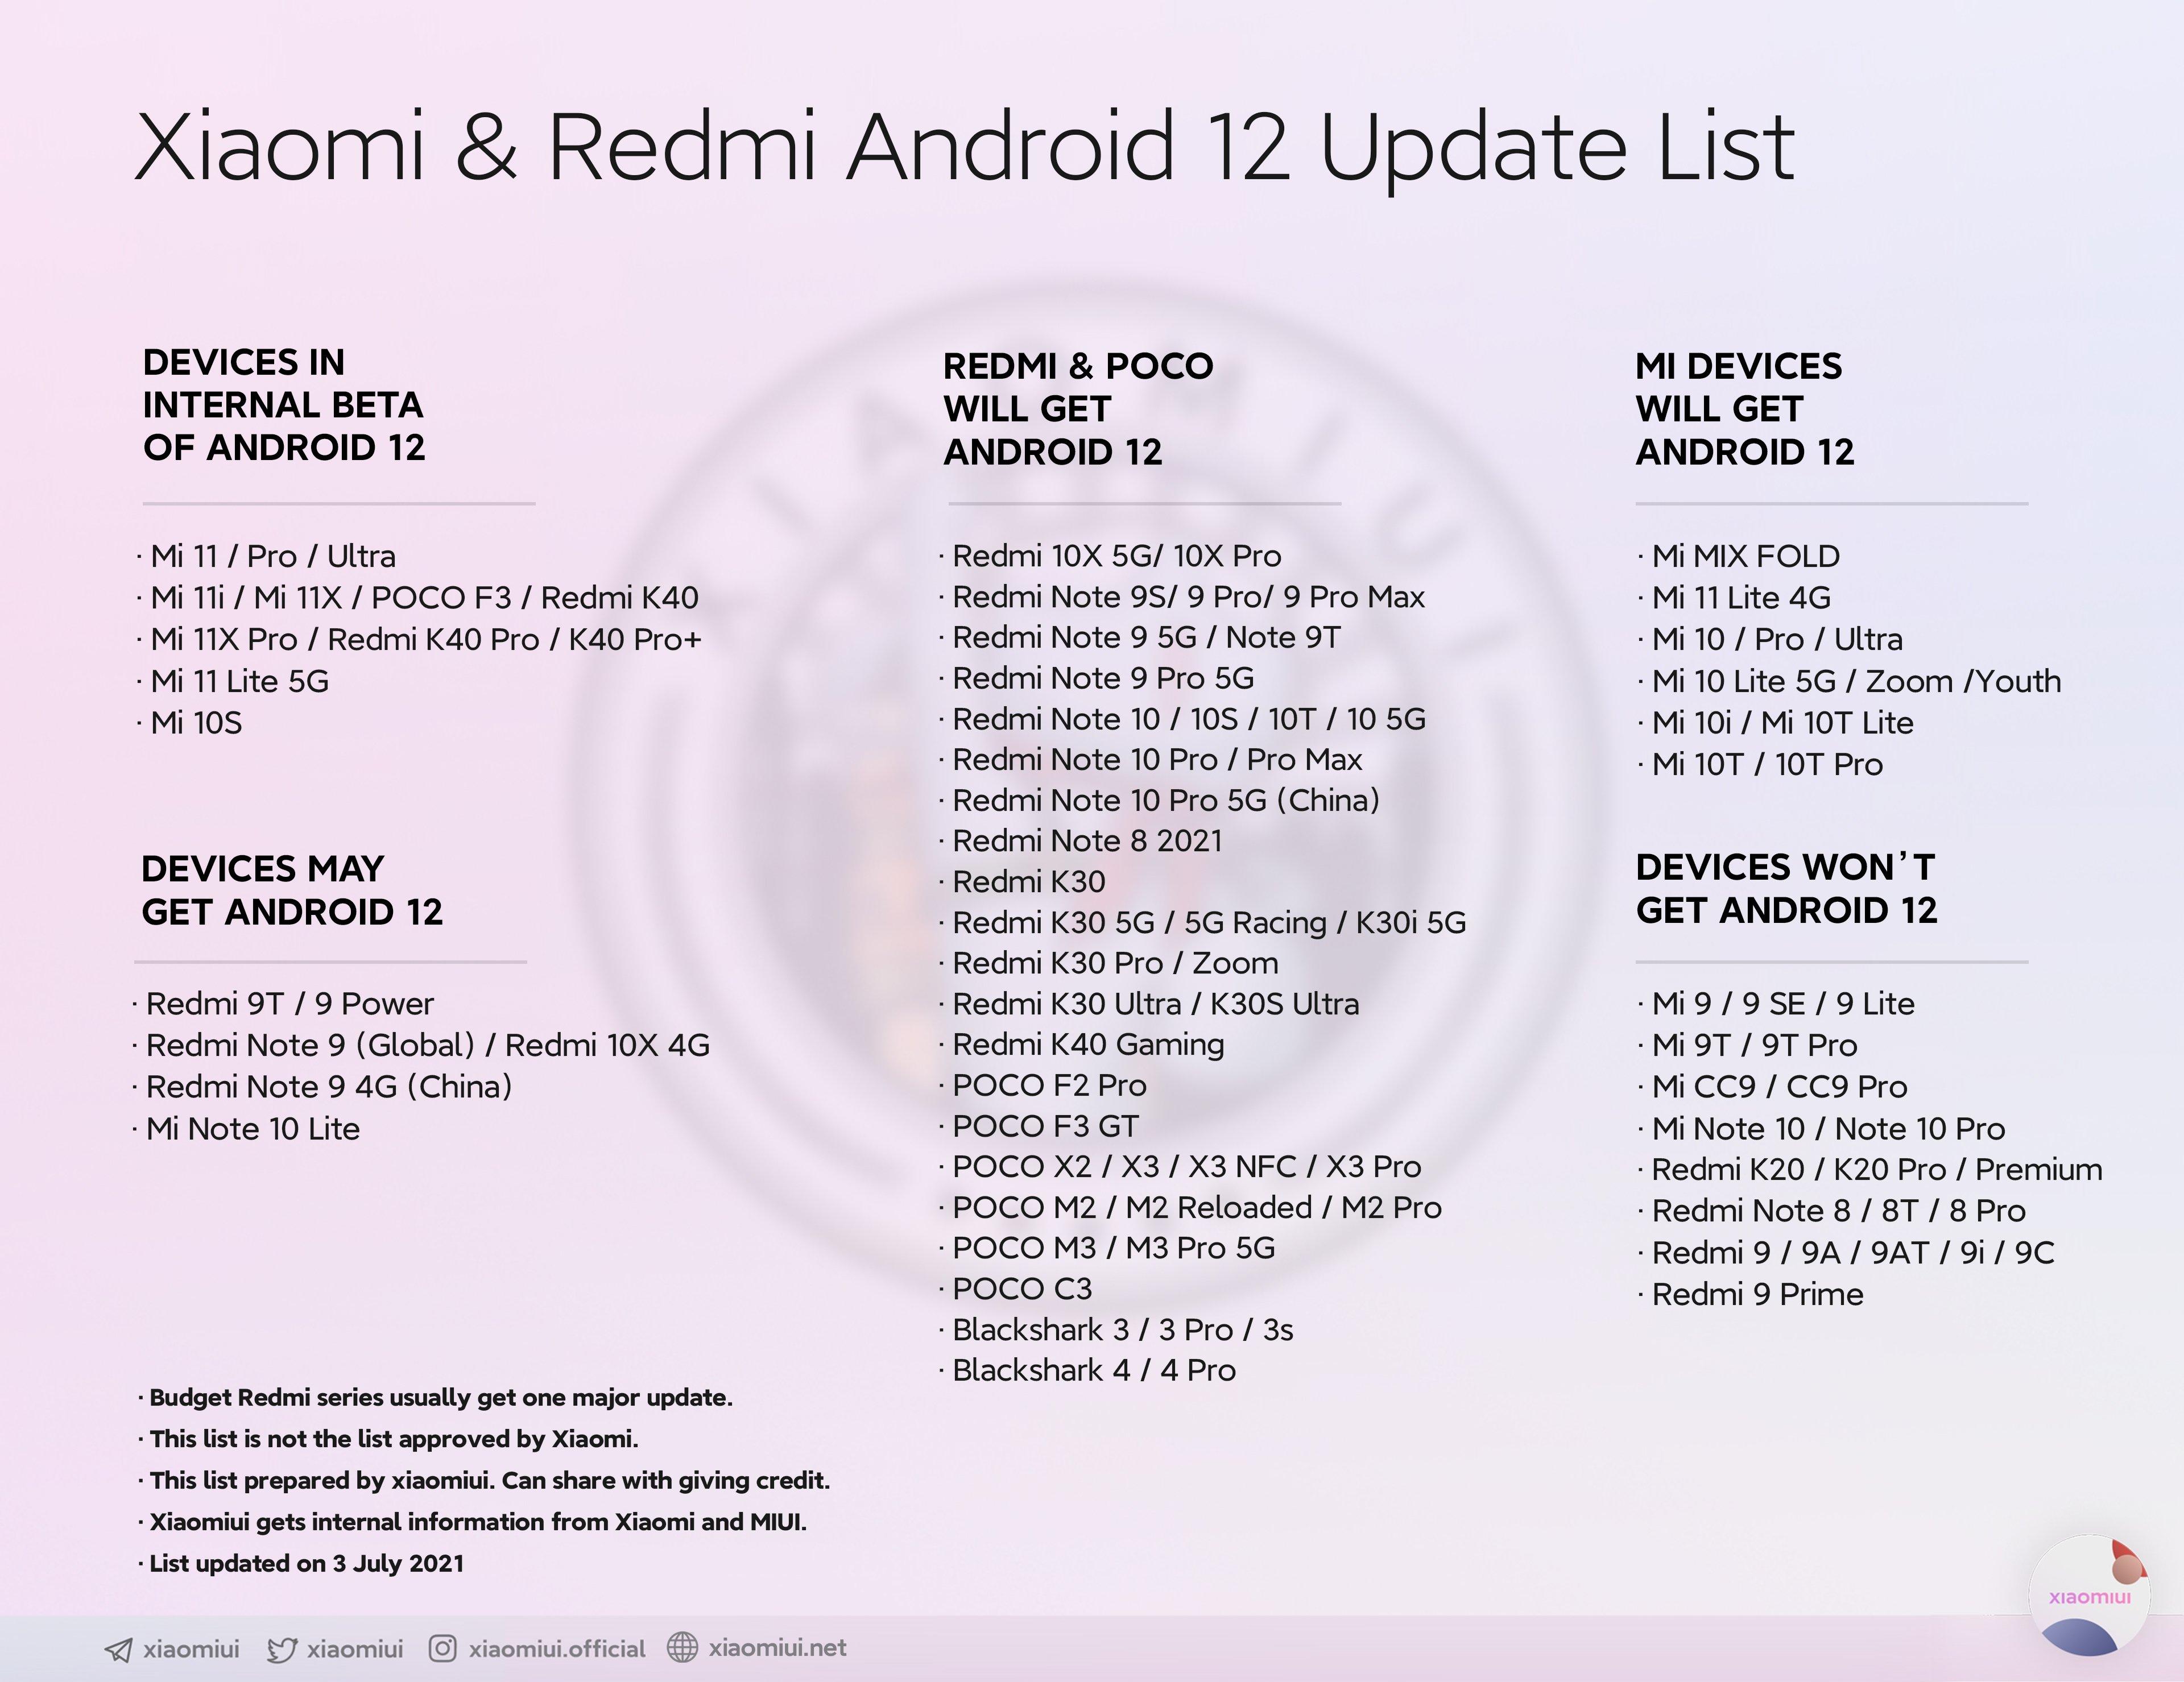 lista de dispositivos da xiaomi a receber o android 12